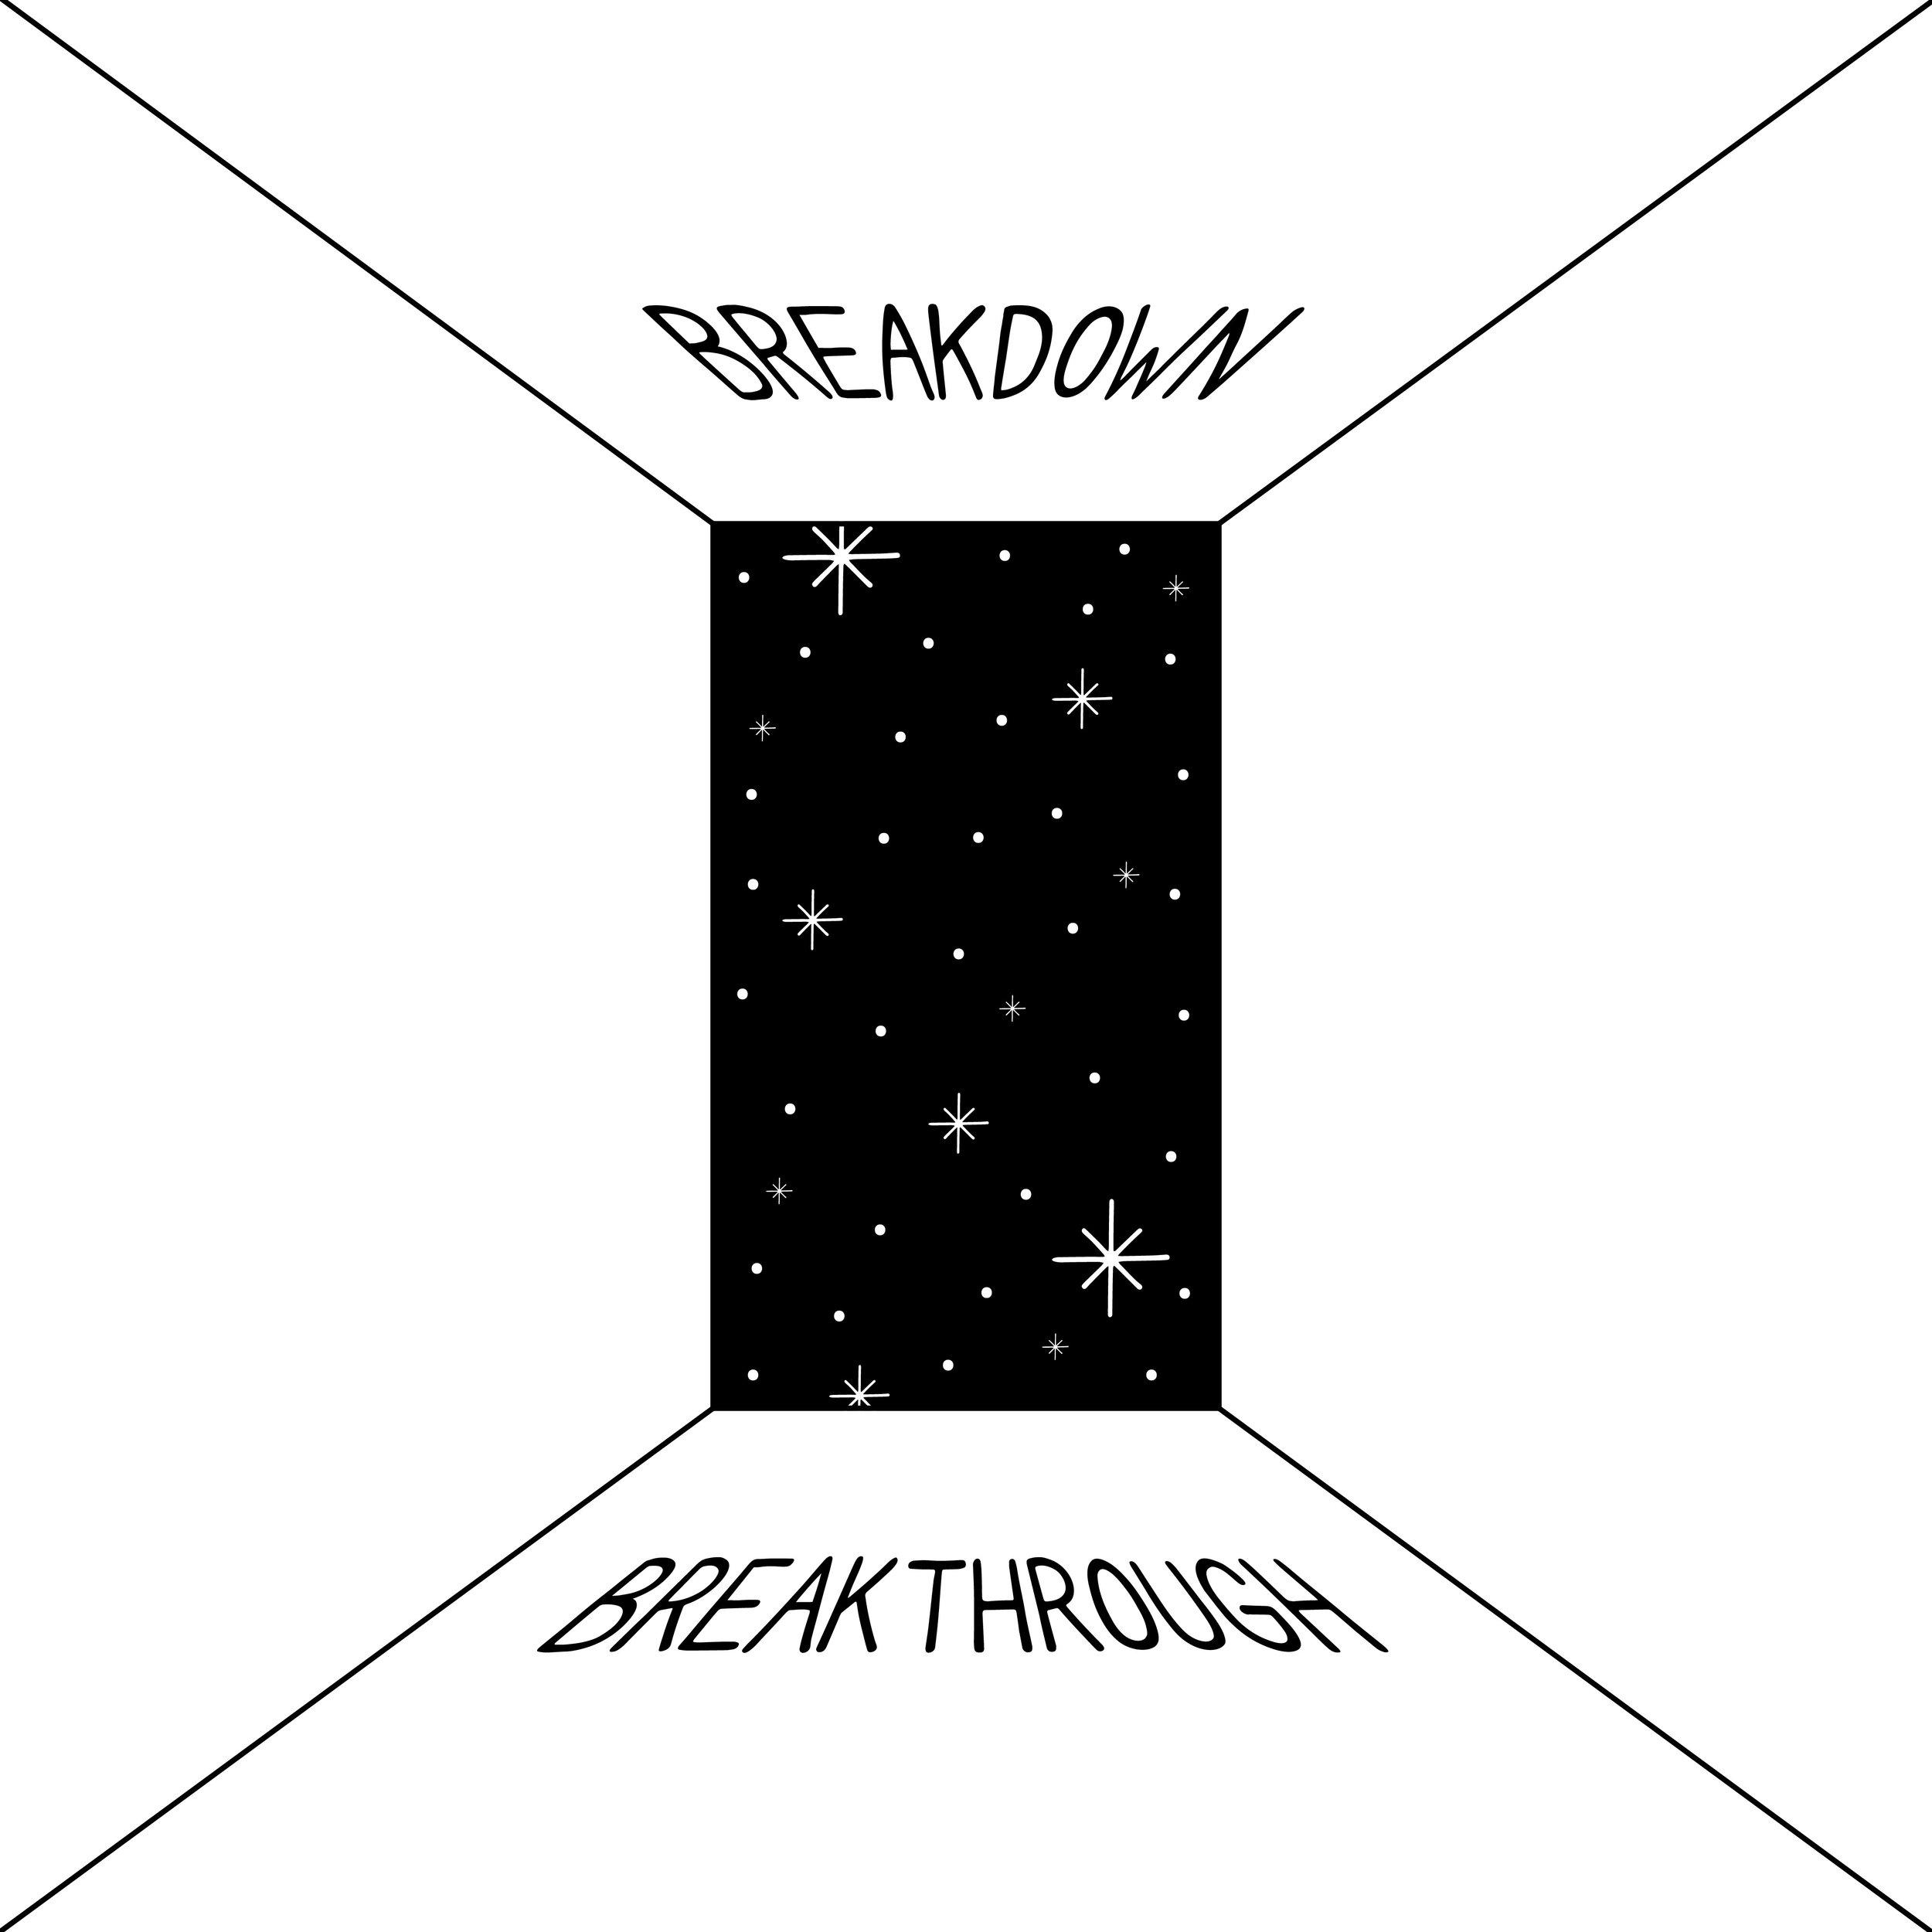 breakdownbreakthrough-01.jpg